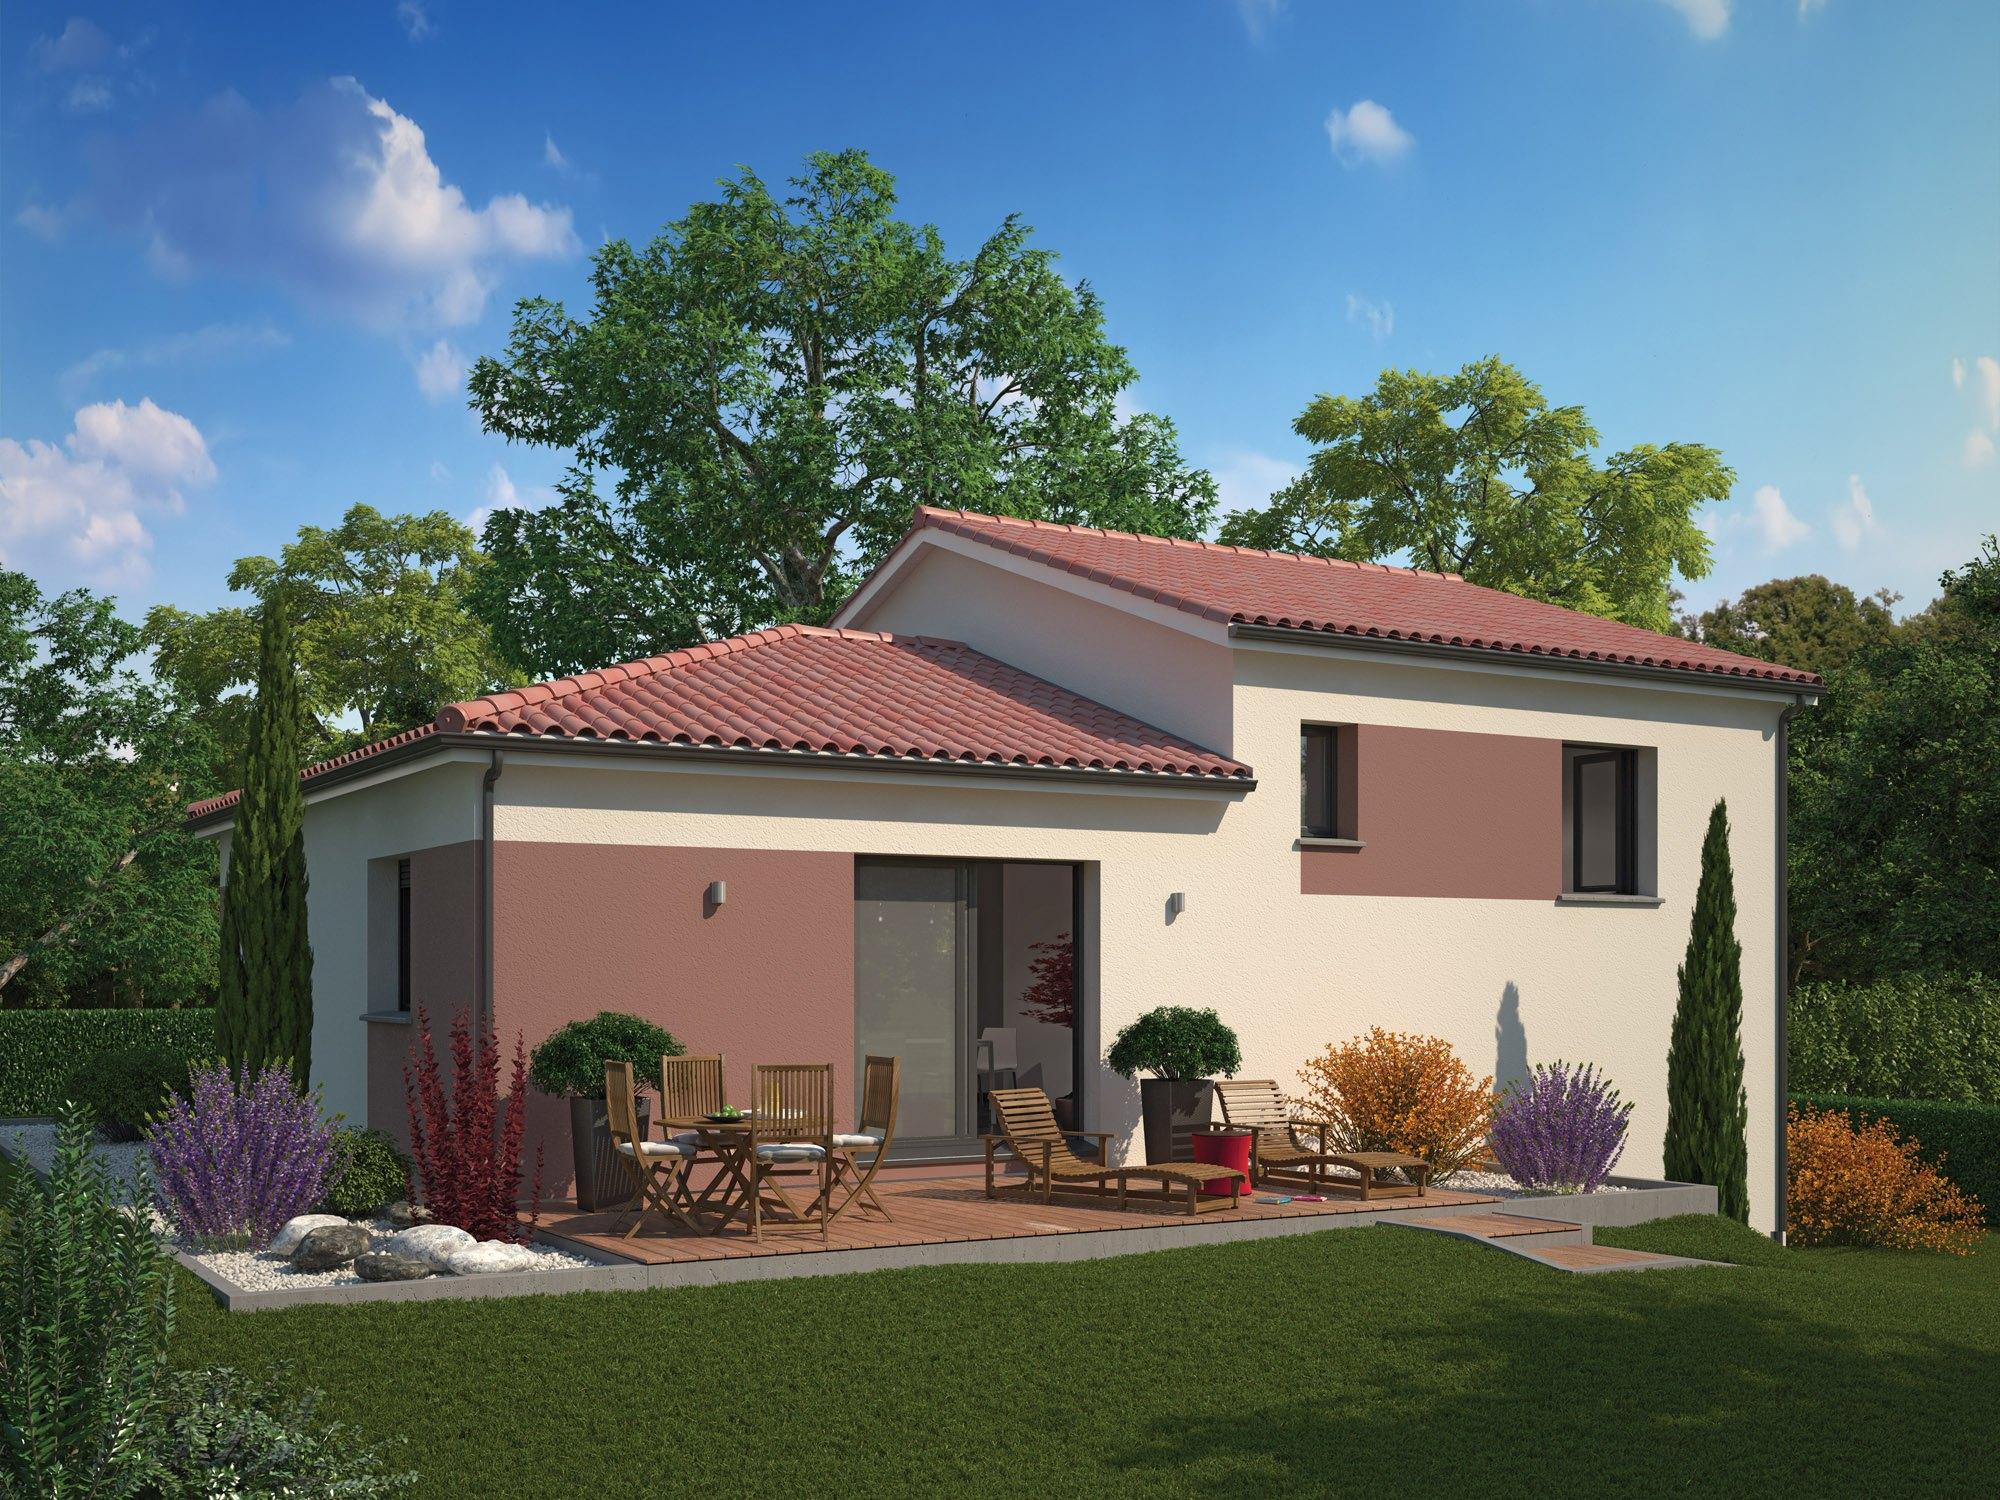 Maisons + Terrains du constructeur MAISON FAMILIALE • 100 m² • VILLEFRANCHE SUR SAONE